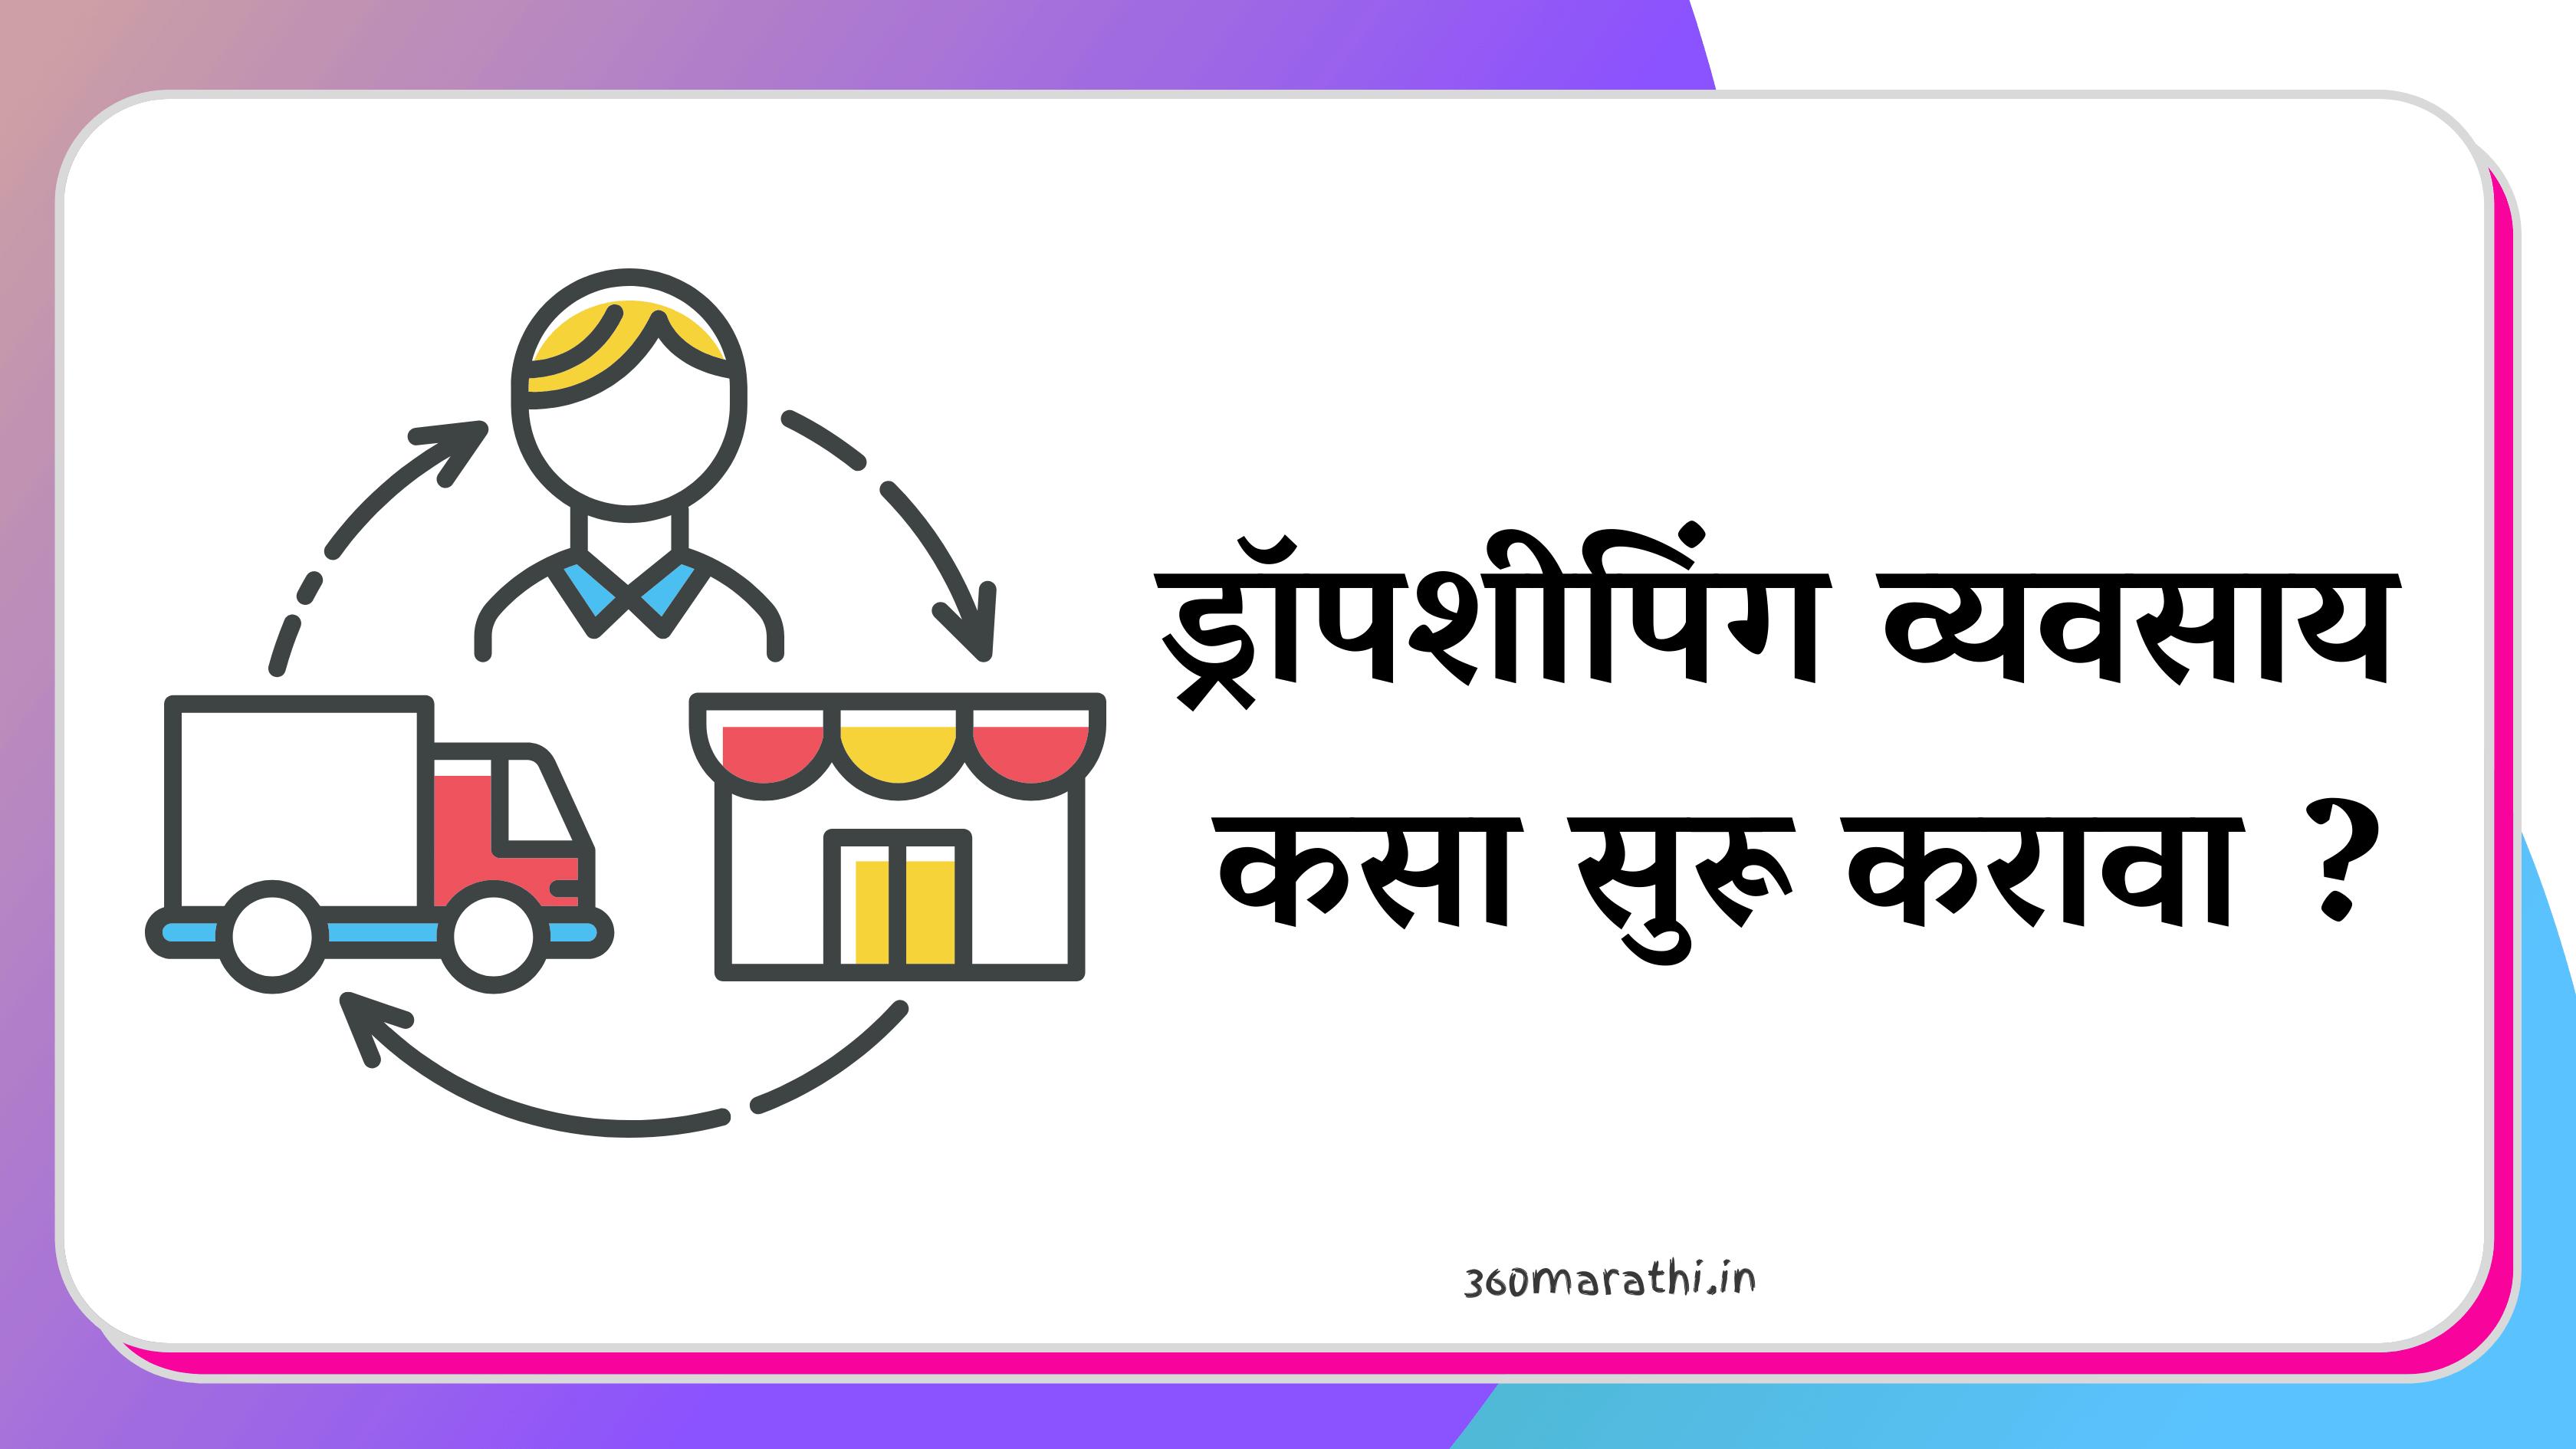 ड्रॉपशिपिंग : म्हणजे काय, कसे करावे, फायदे, नुकसान, पैसे कसे कमवावे | Online Drop Shipping Business In Marathi